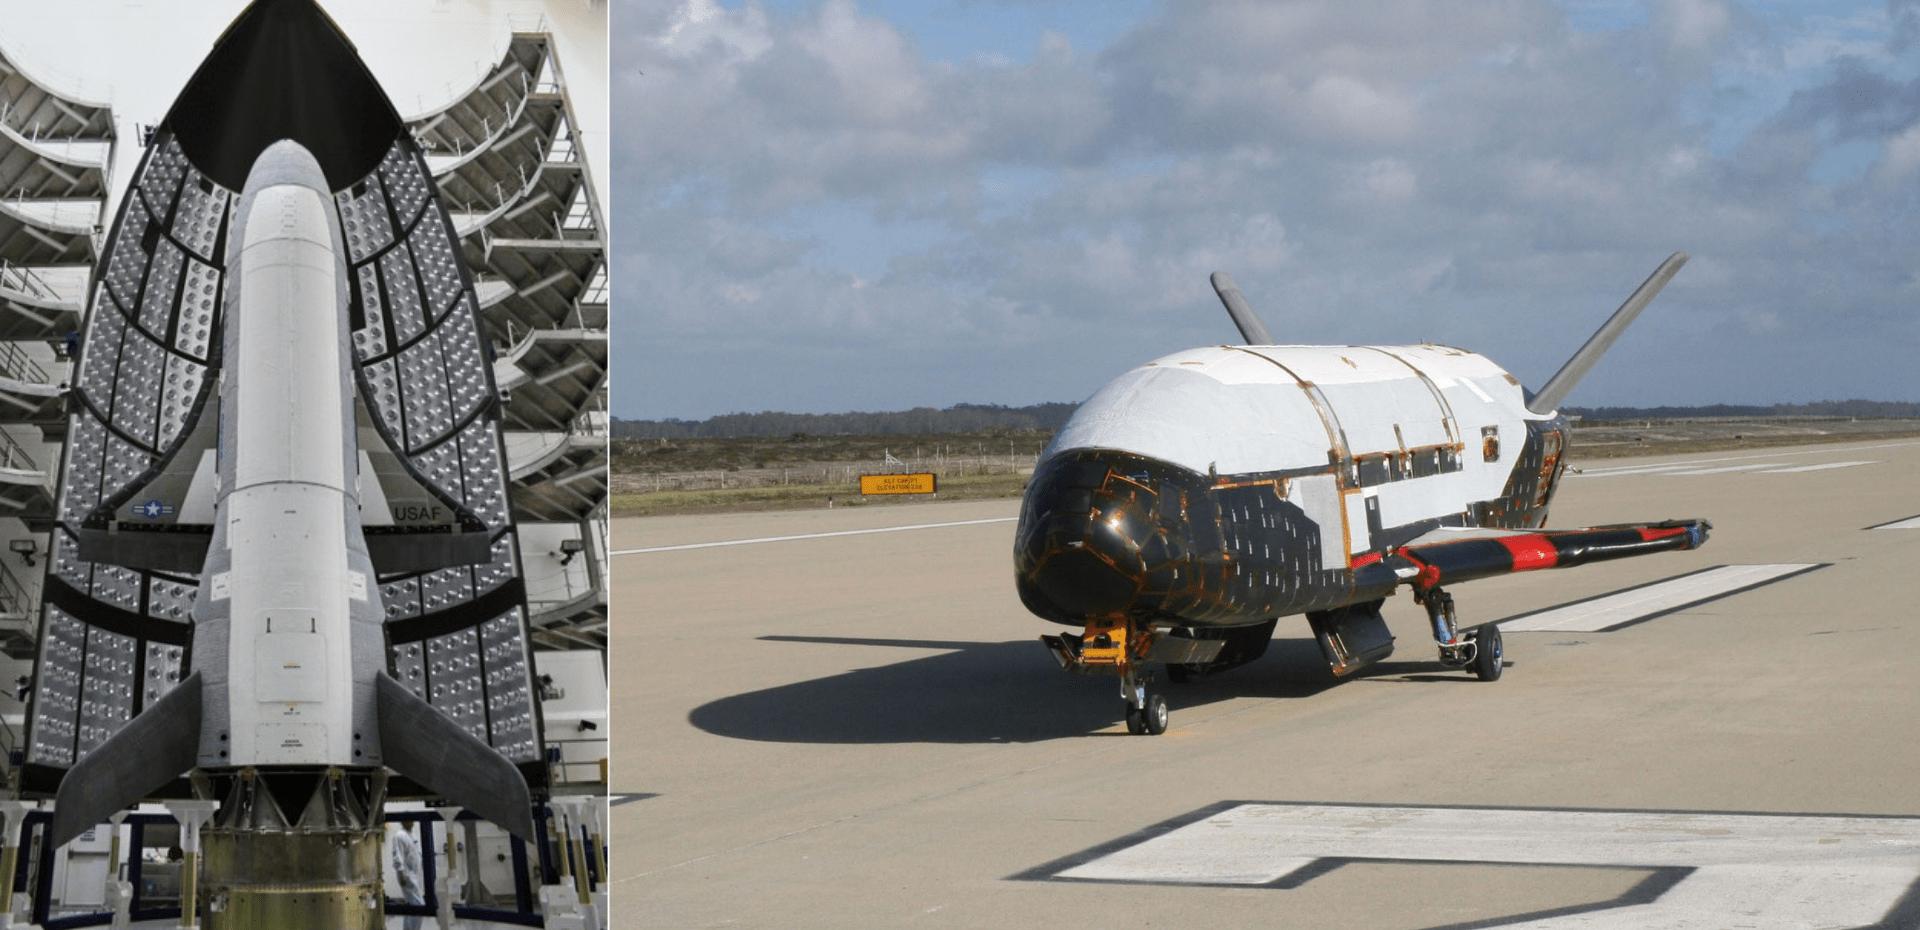 A sinistra l'X-37B Orbital Test Vehicle, sullo sfondo si nota metà del fairing del lanciatore Atlas V. A destra l'X-37B prima di un volo di test. Credits: U.S. Air Force